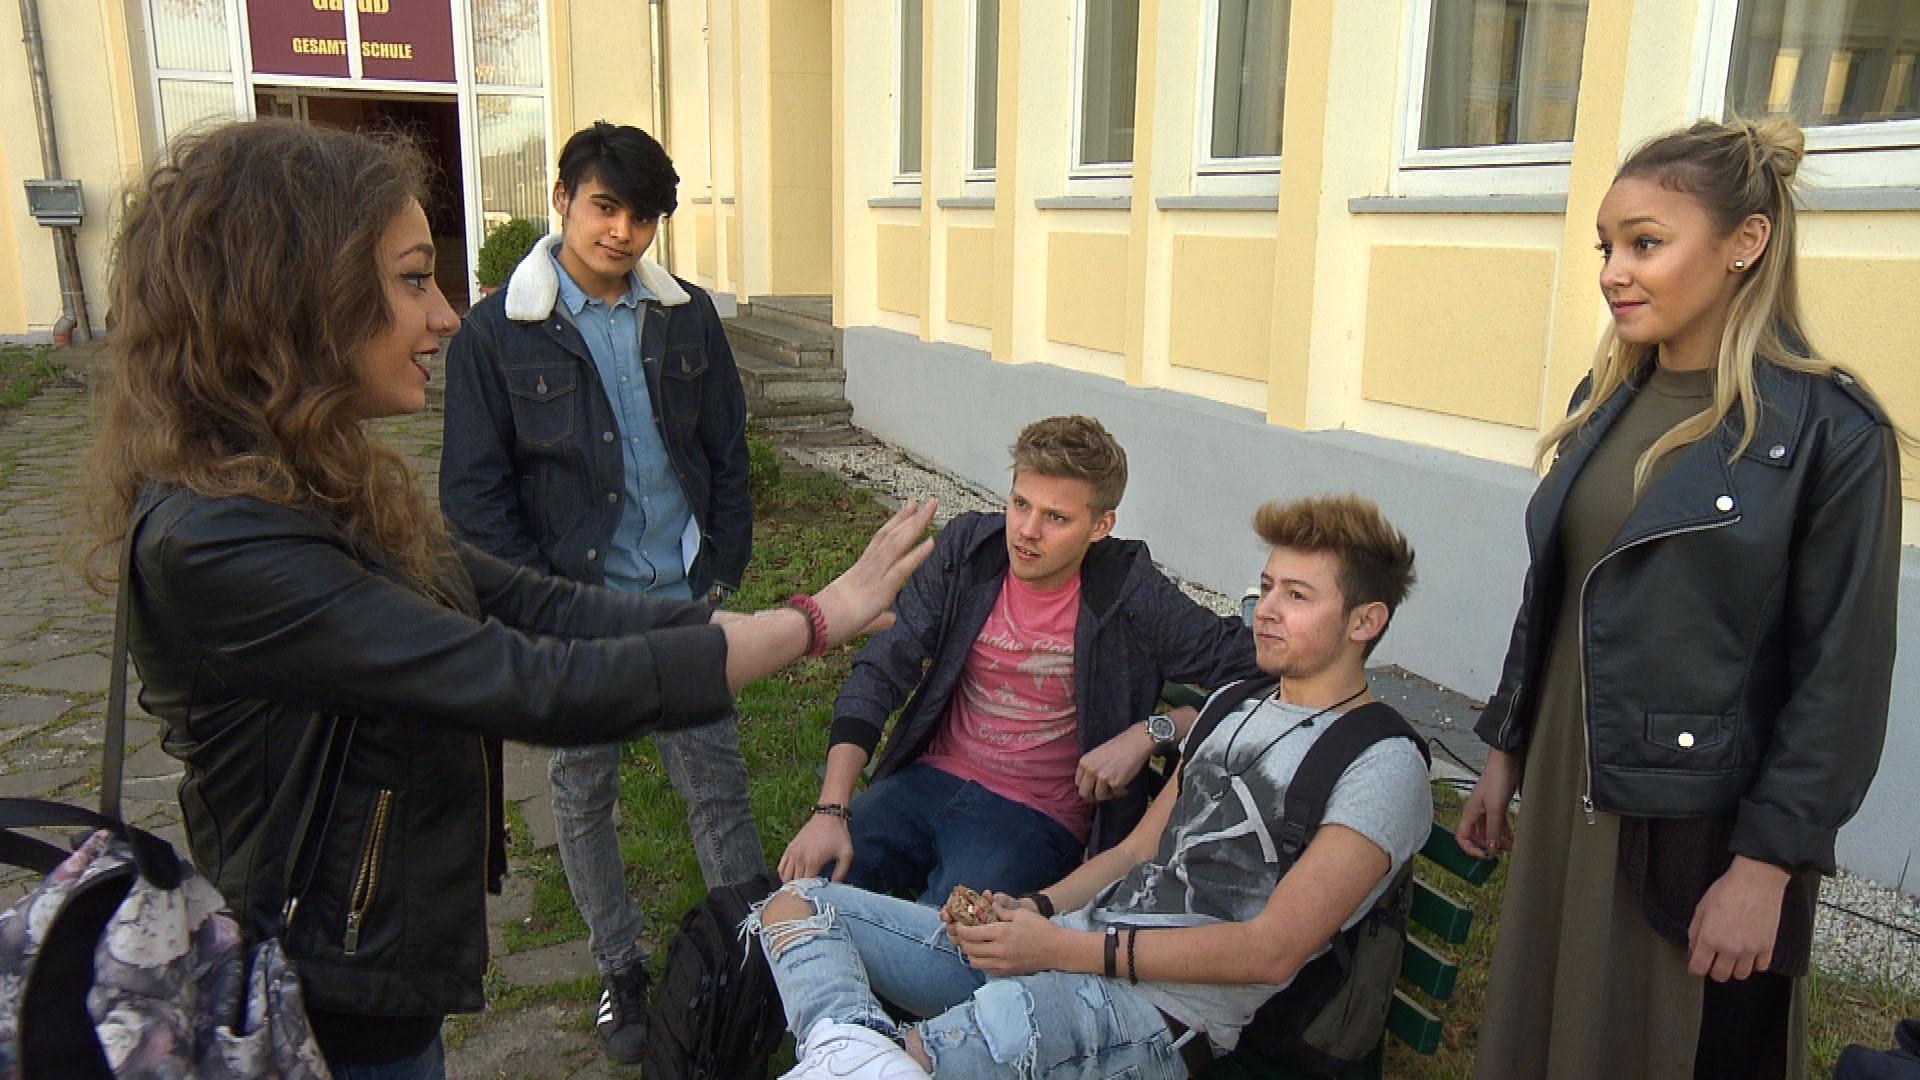 Elli,li. ist genervt, als sie von Paul erfährt, dass er sich noch nicht um eine Band für das Schul-Sommerfest gekümmert hat. v.l.n.r.: Elli, Yannick, Paul, Rafa,Lina. (Quelle: RTL 2)